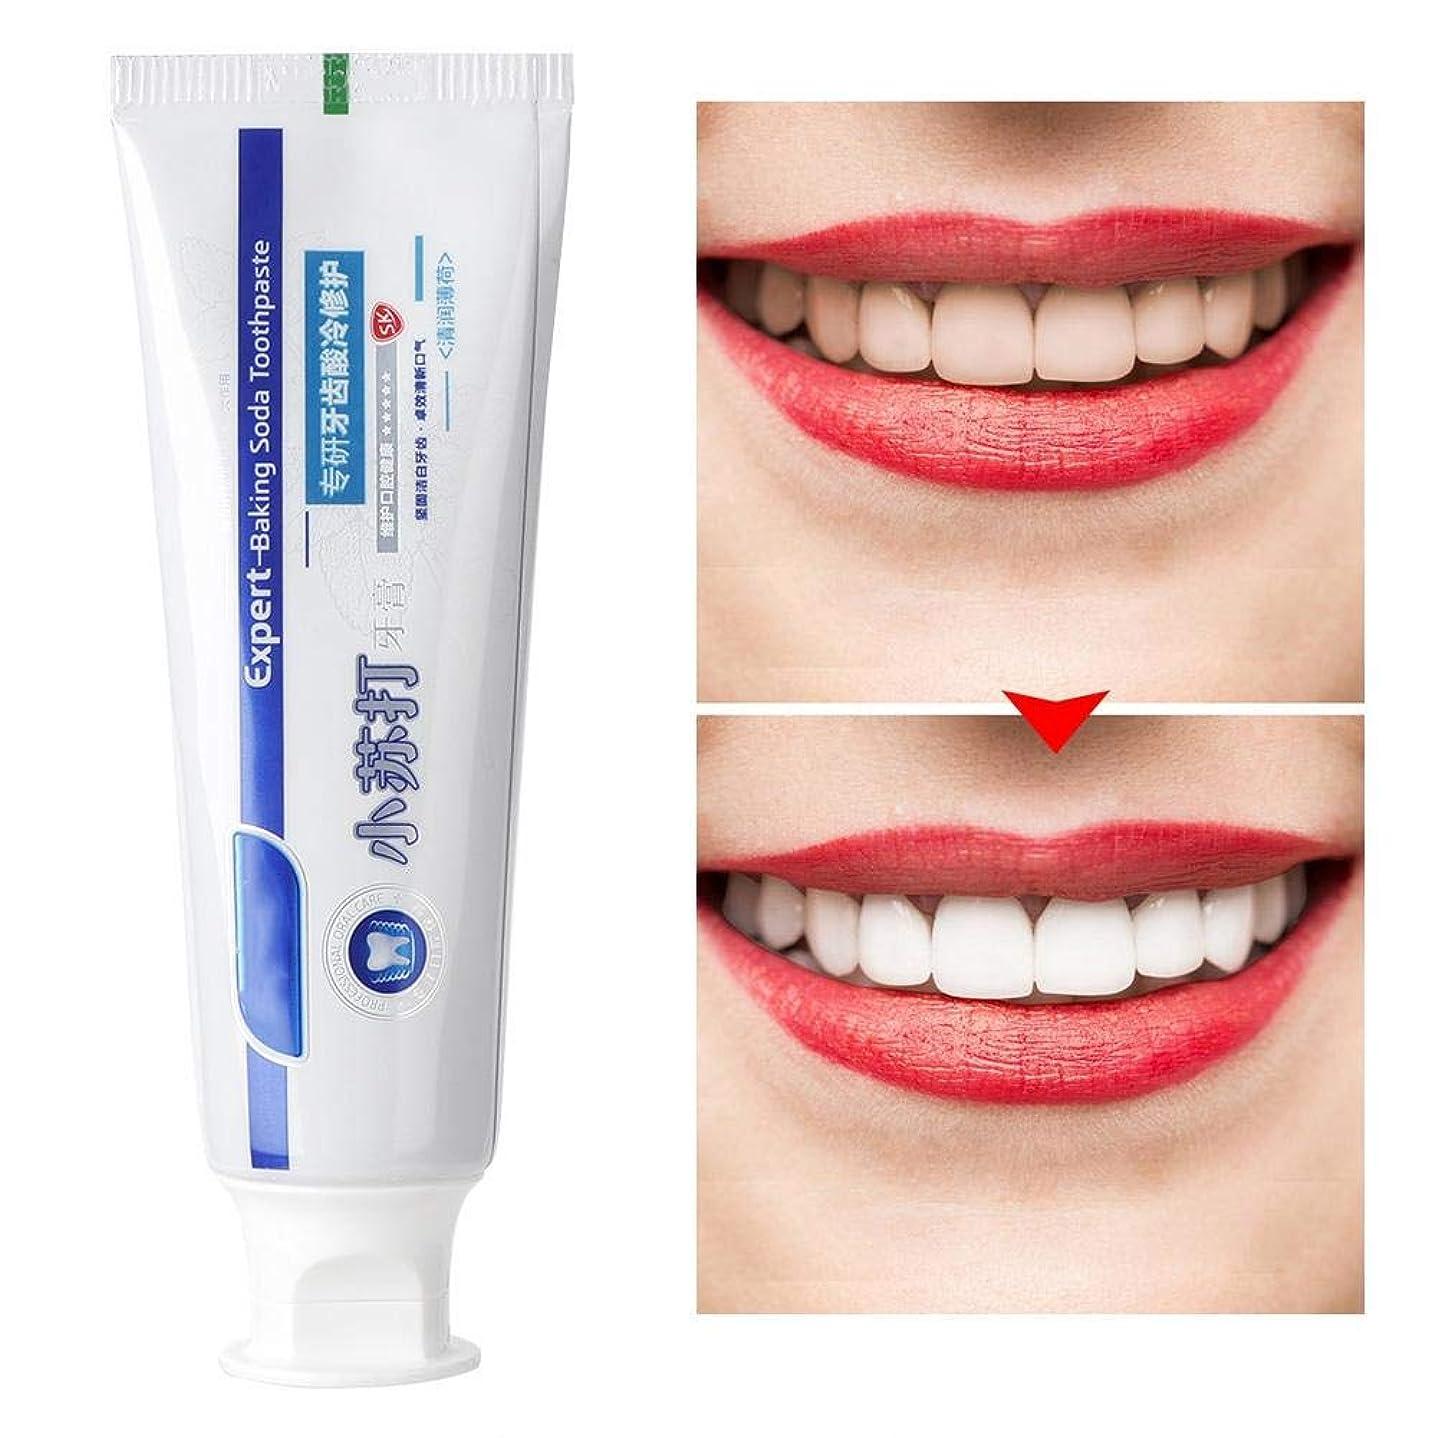 組み込む曲線事前に歯磨き粉、さわやかなミントを白くする重曹の歯磨き粉歯磨き粉オーラルケアツール100g(クリアミント)